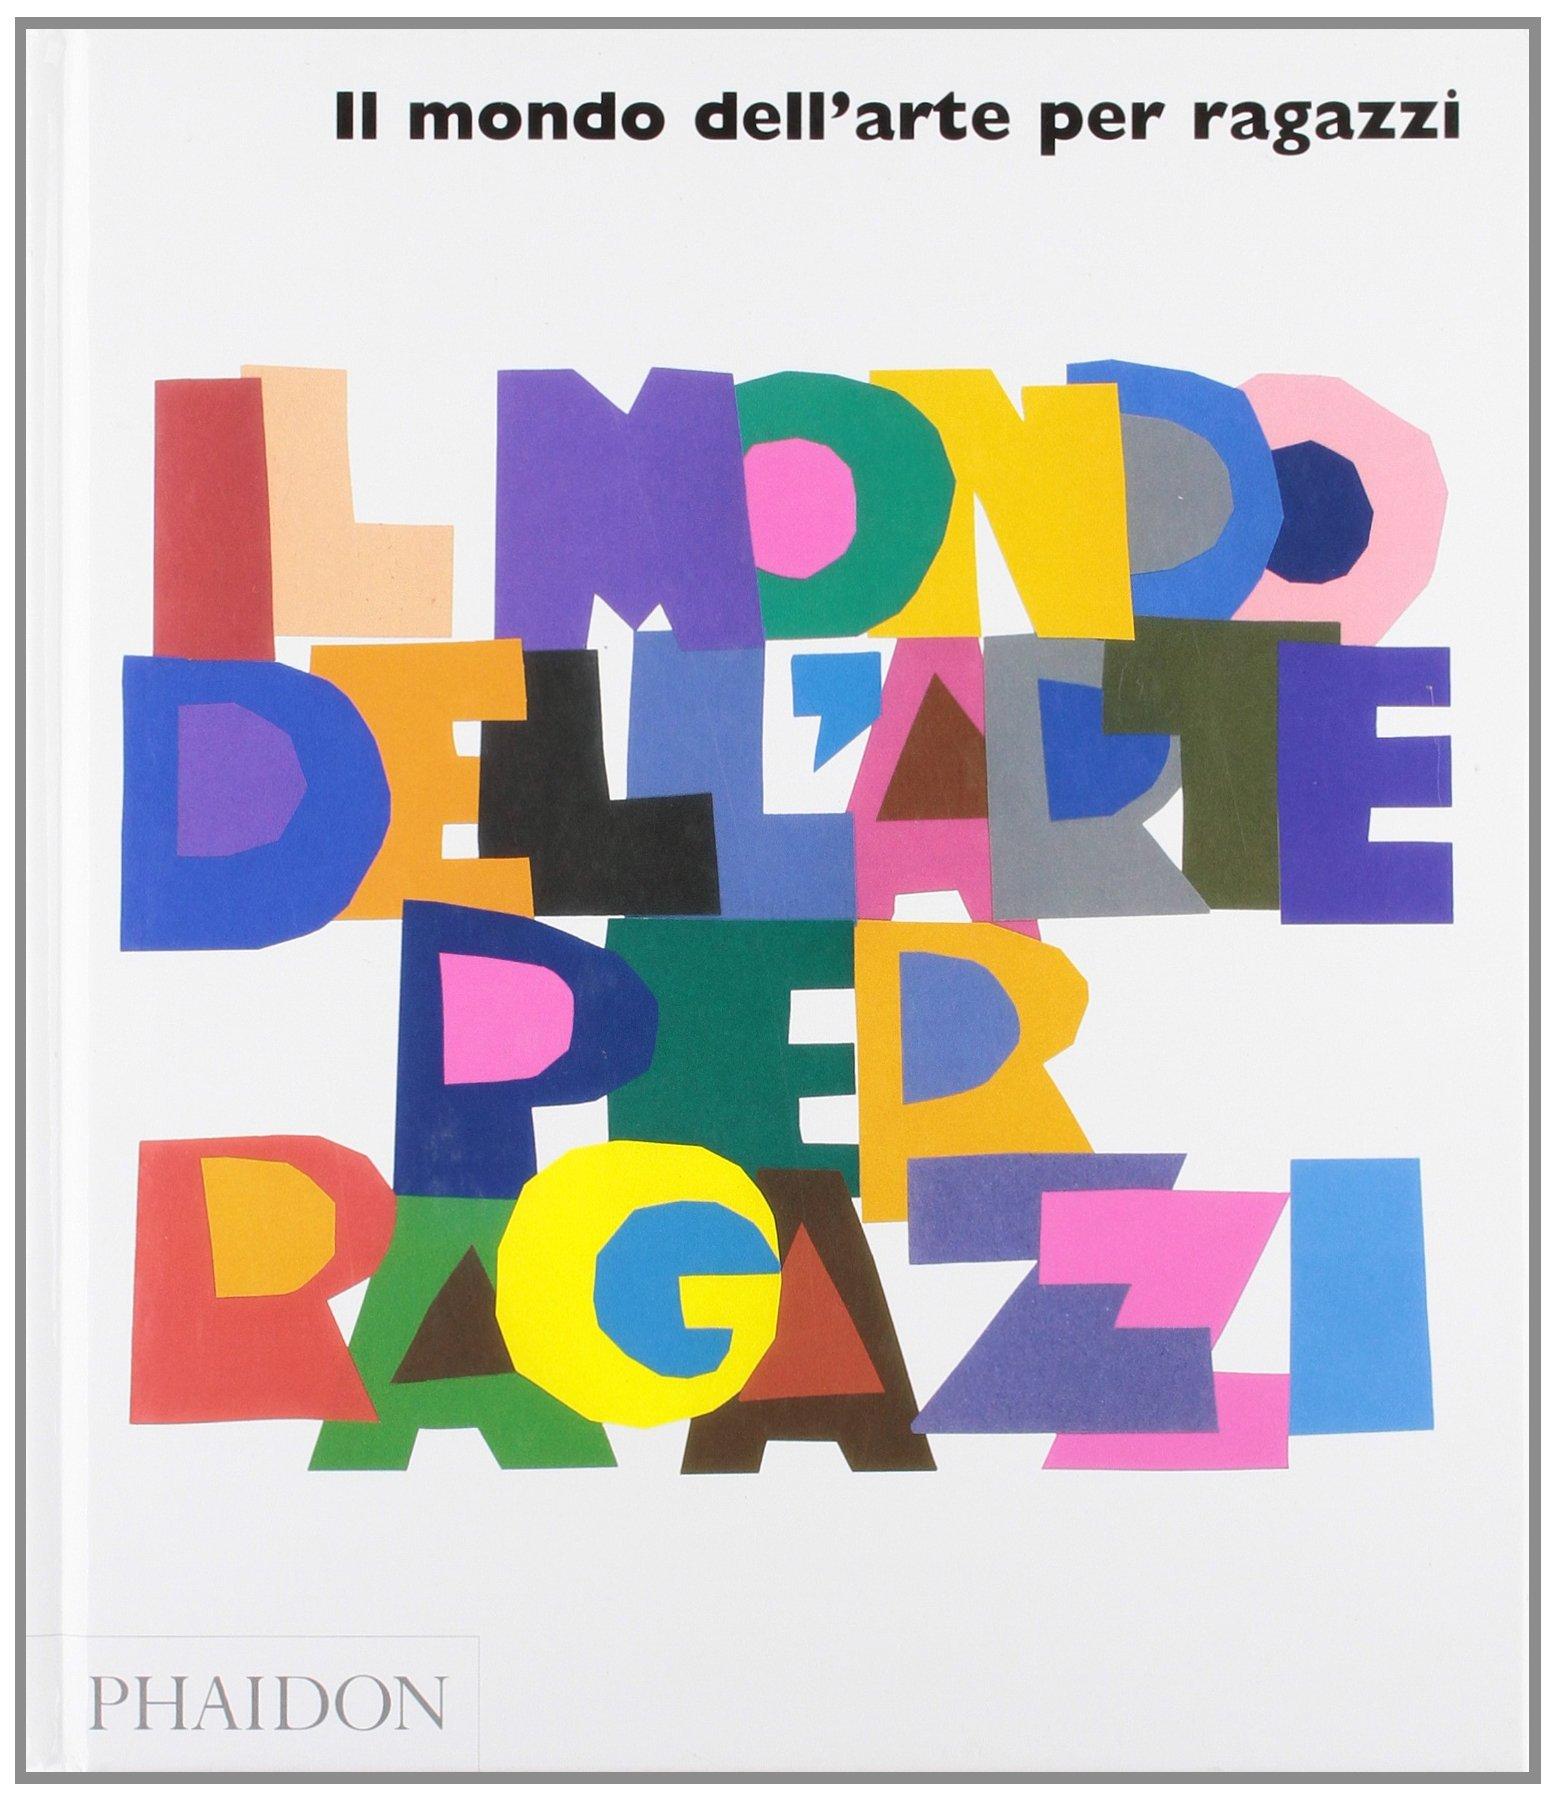 Favori Amazon.it: Il mondo dell'arte per ragazzi - Phaidon - Libri MA58